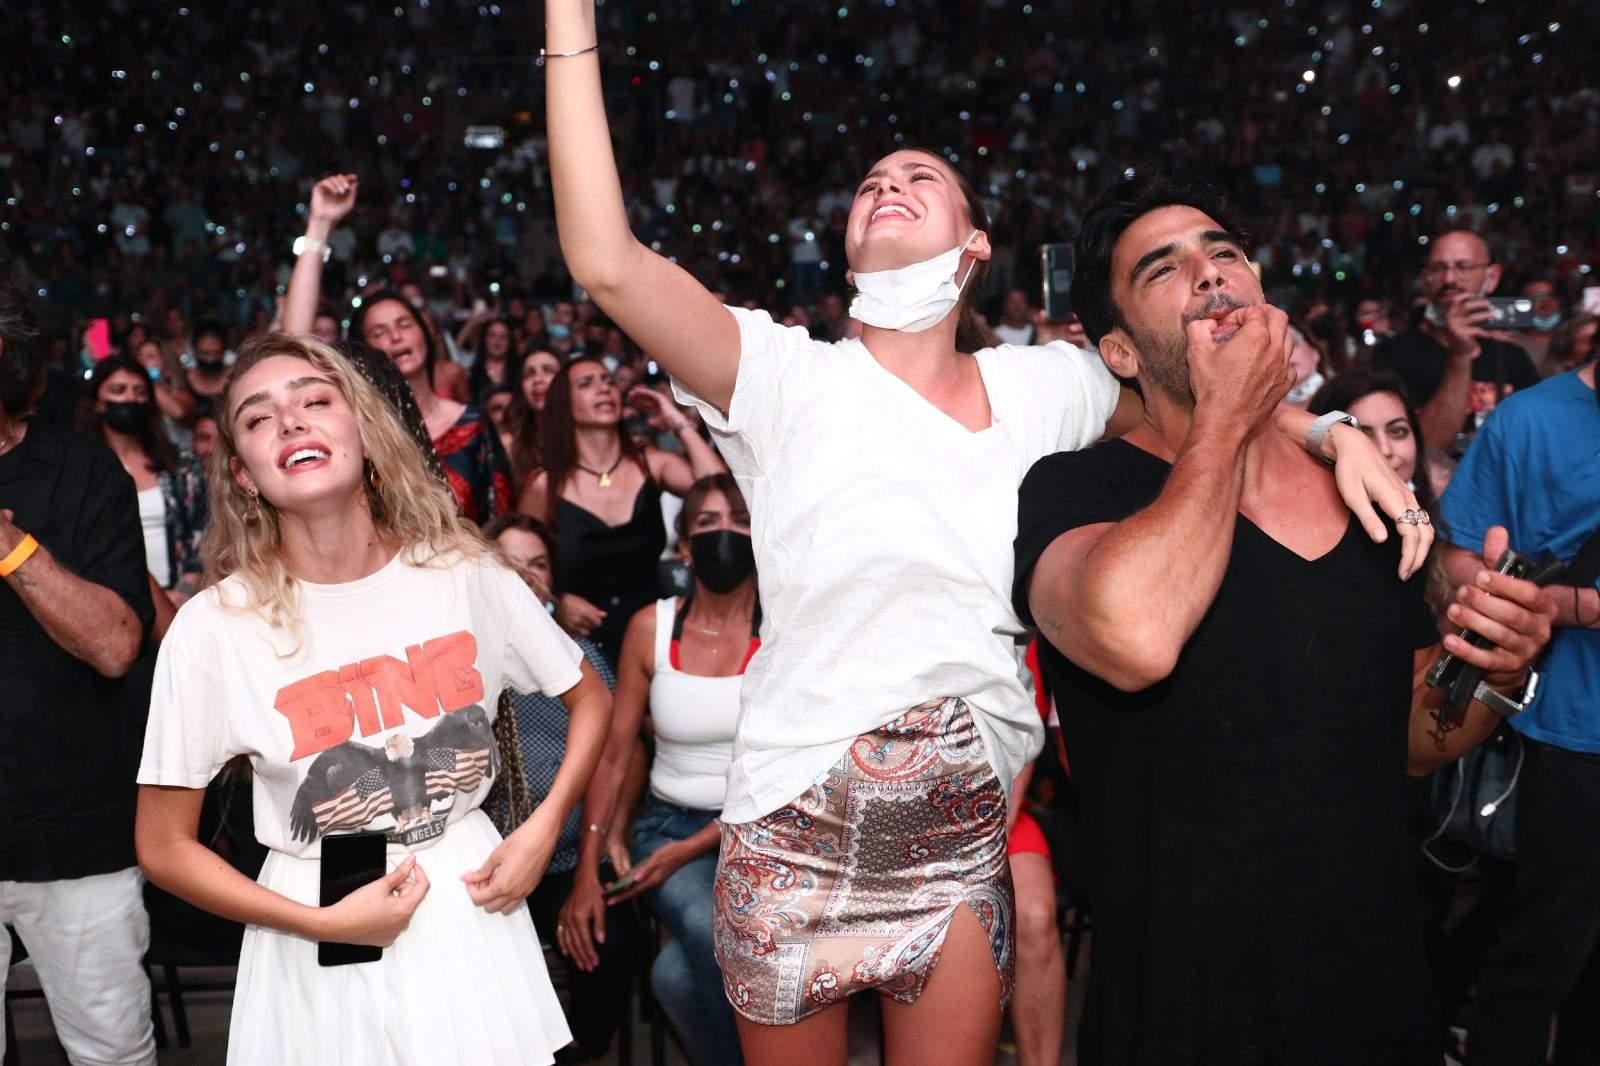 מי הפתיעו ועלו לבמה במופע של רותם כהן בקיסריה? וגם המחווה המרגשת שלא תשכח!